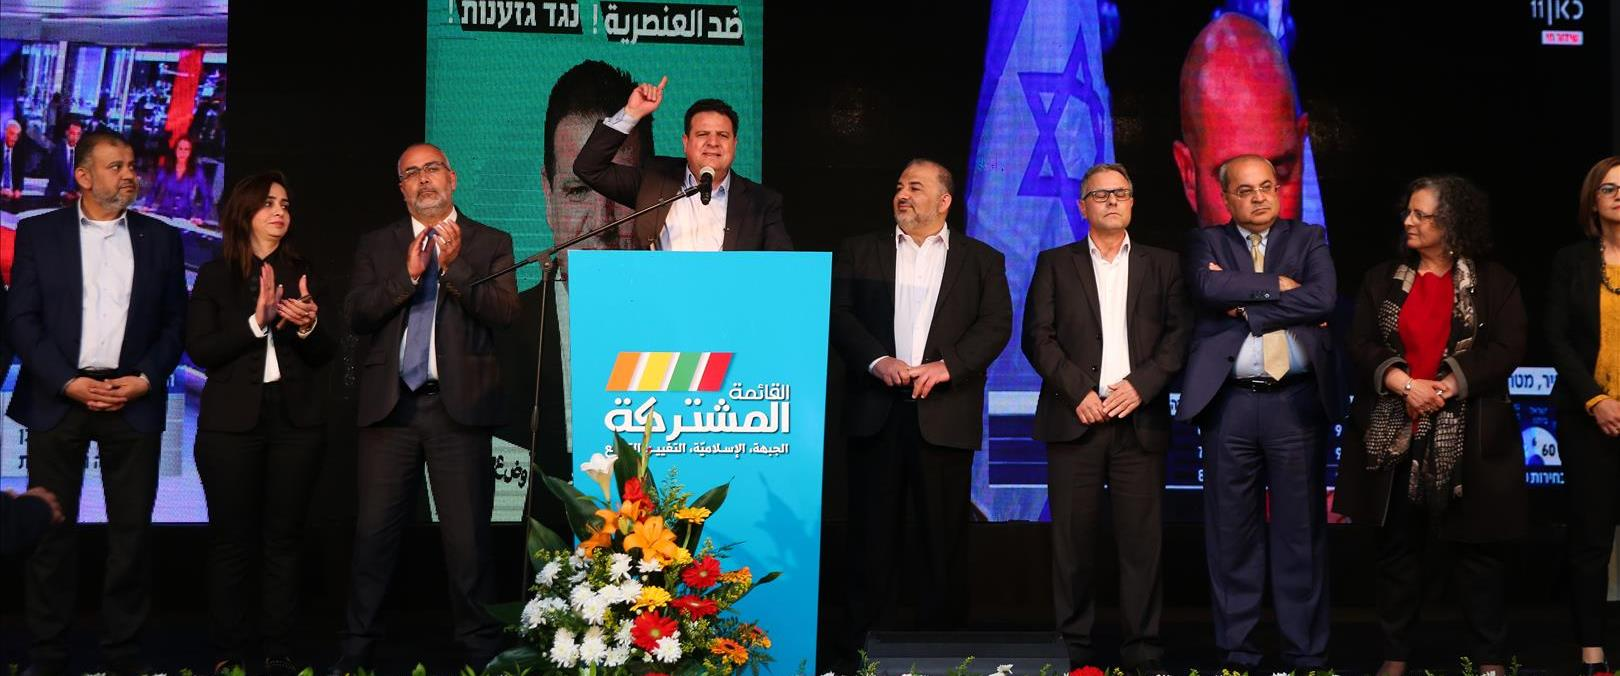 הרשימה המשותפת בחירות 2020 ערביי ישראל